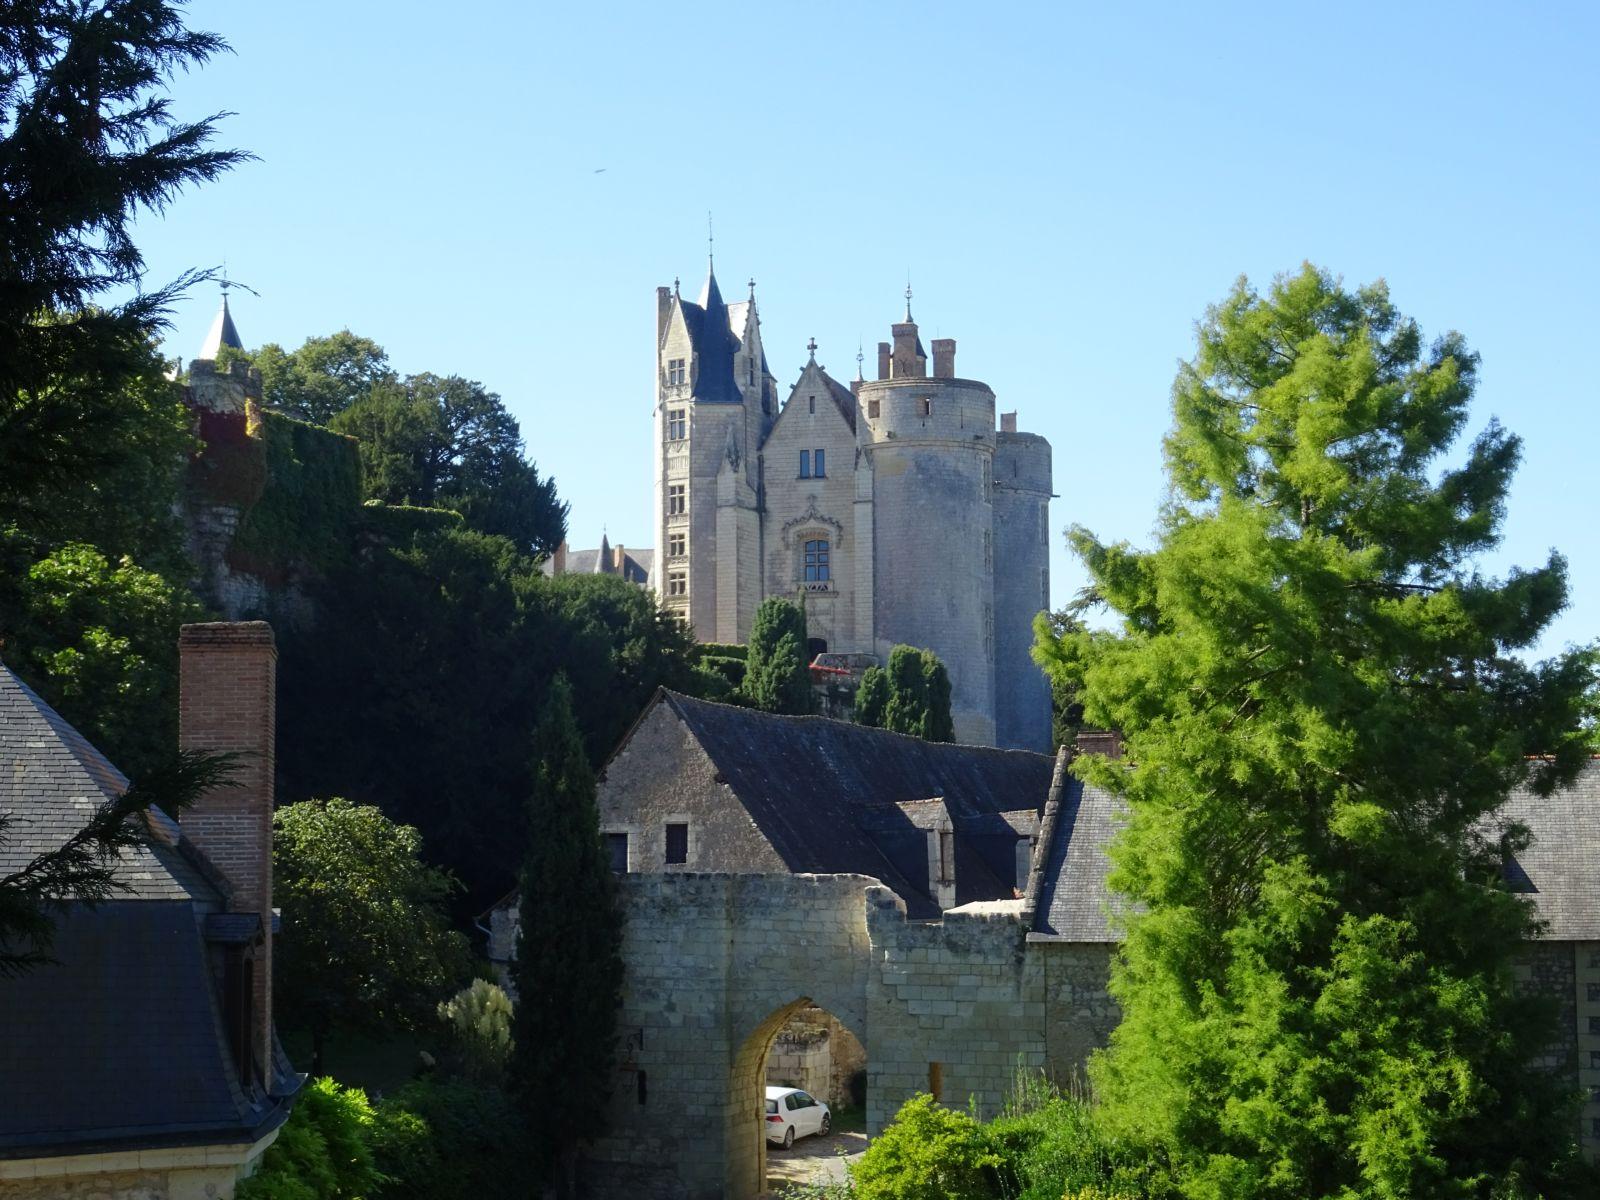 Le chateau de montreuil bellay 2018 09 17